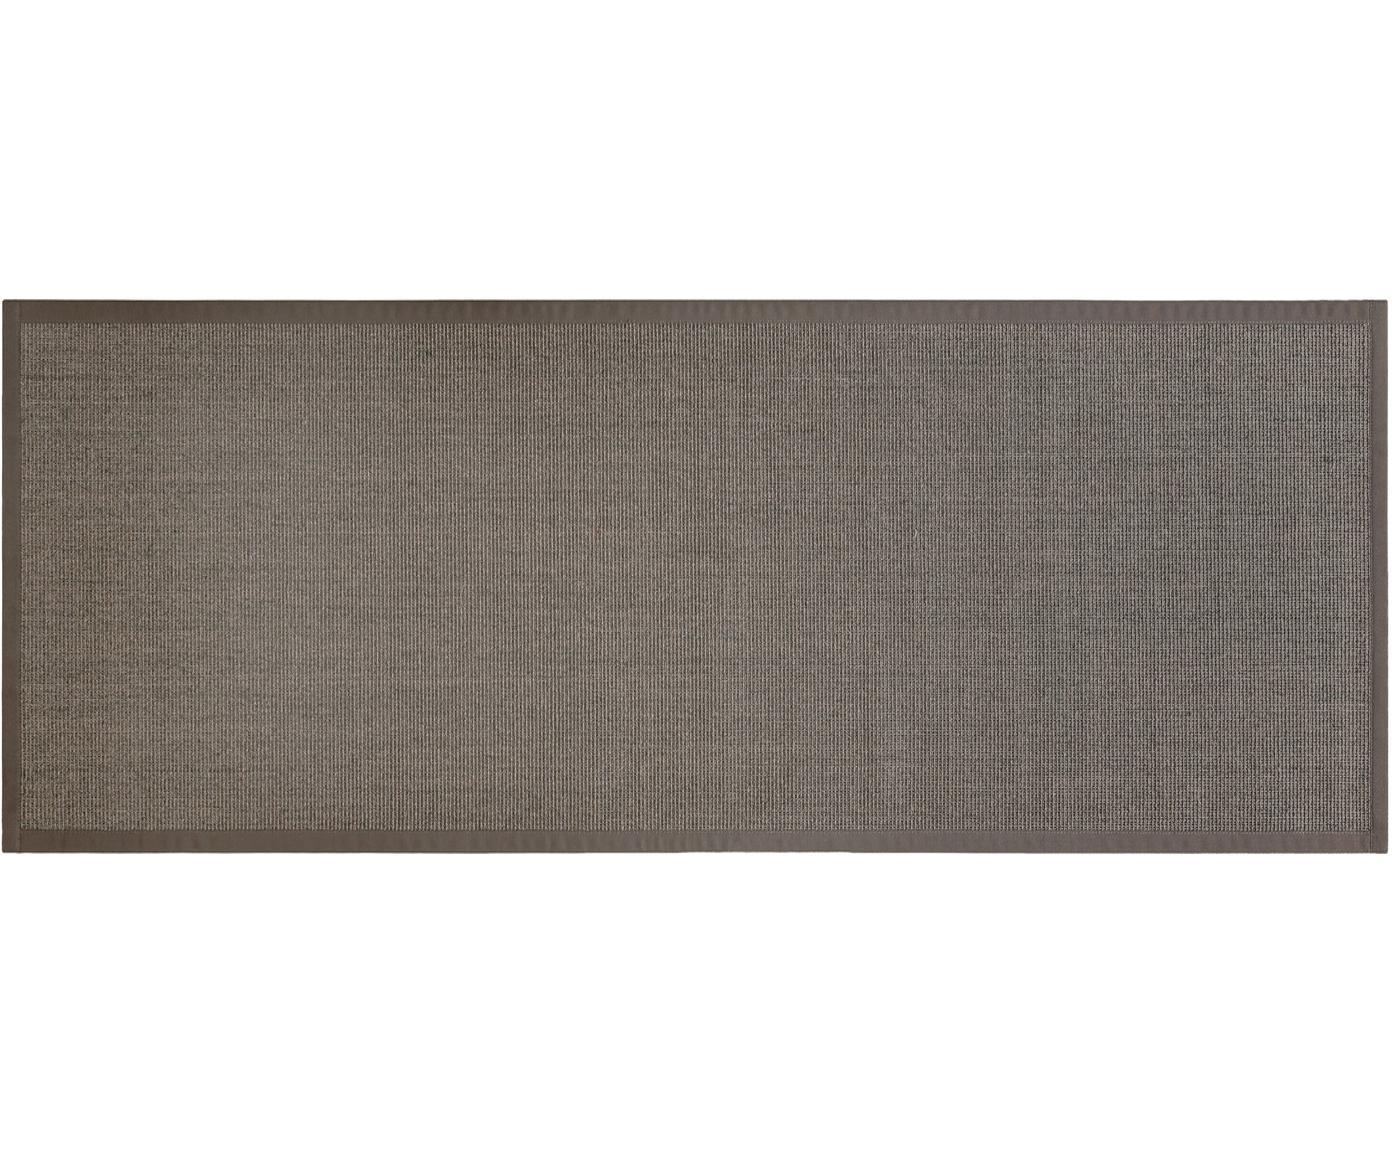 Sisalläufer Leonie in Graubraun, 100% Sisalfaser, Graubraun, 80 x 200 cm